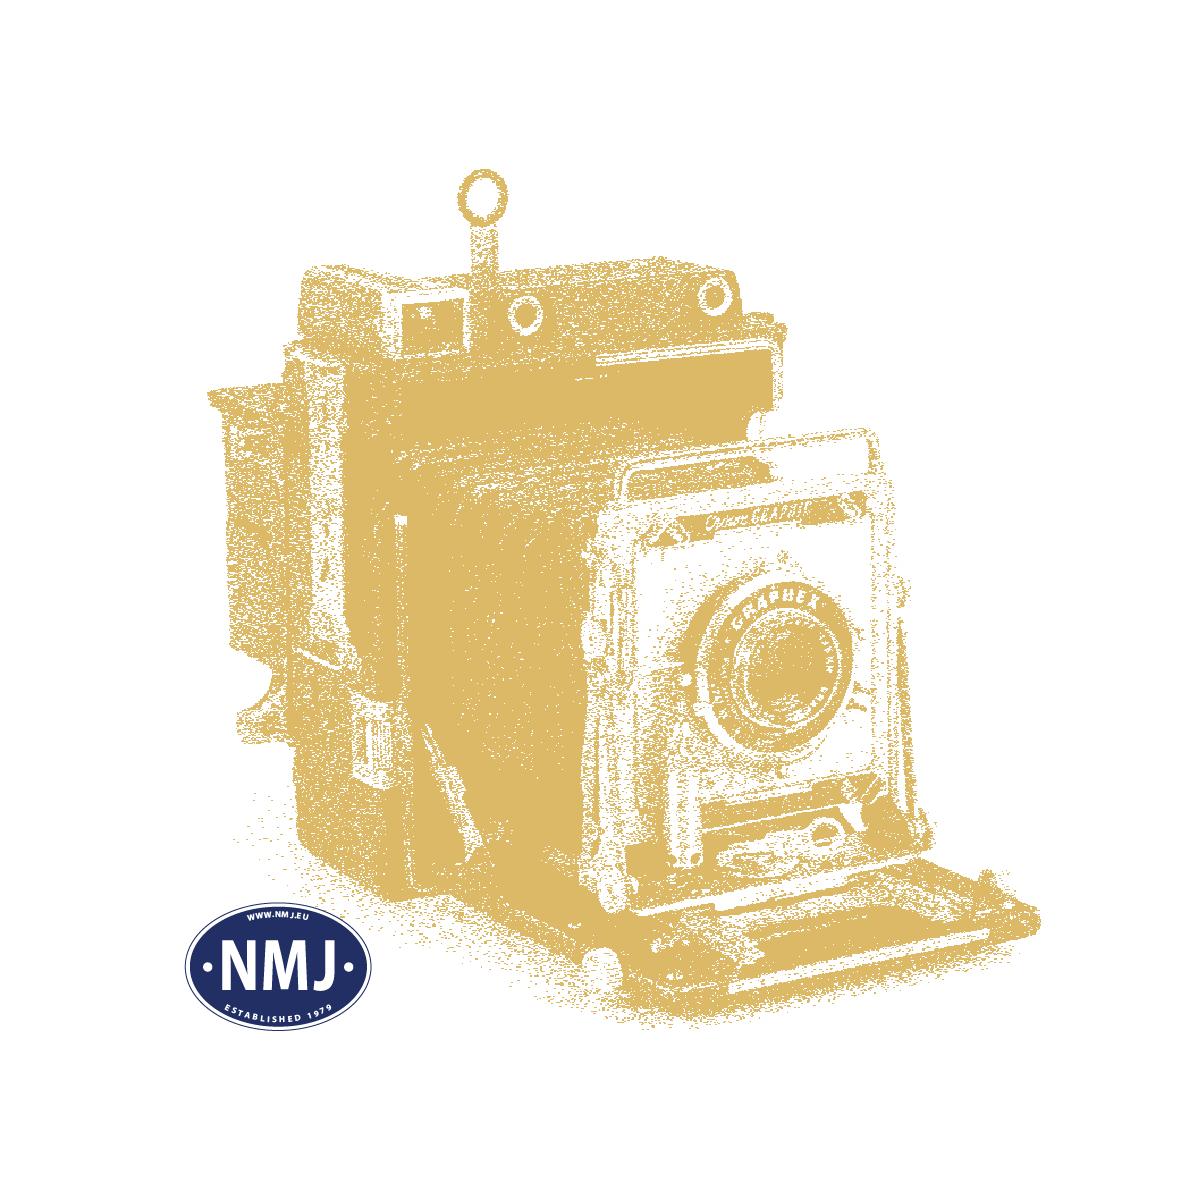 NMJT9903 - NMJ Topline deler for OS/KBPS